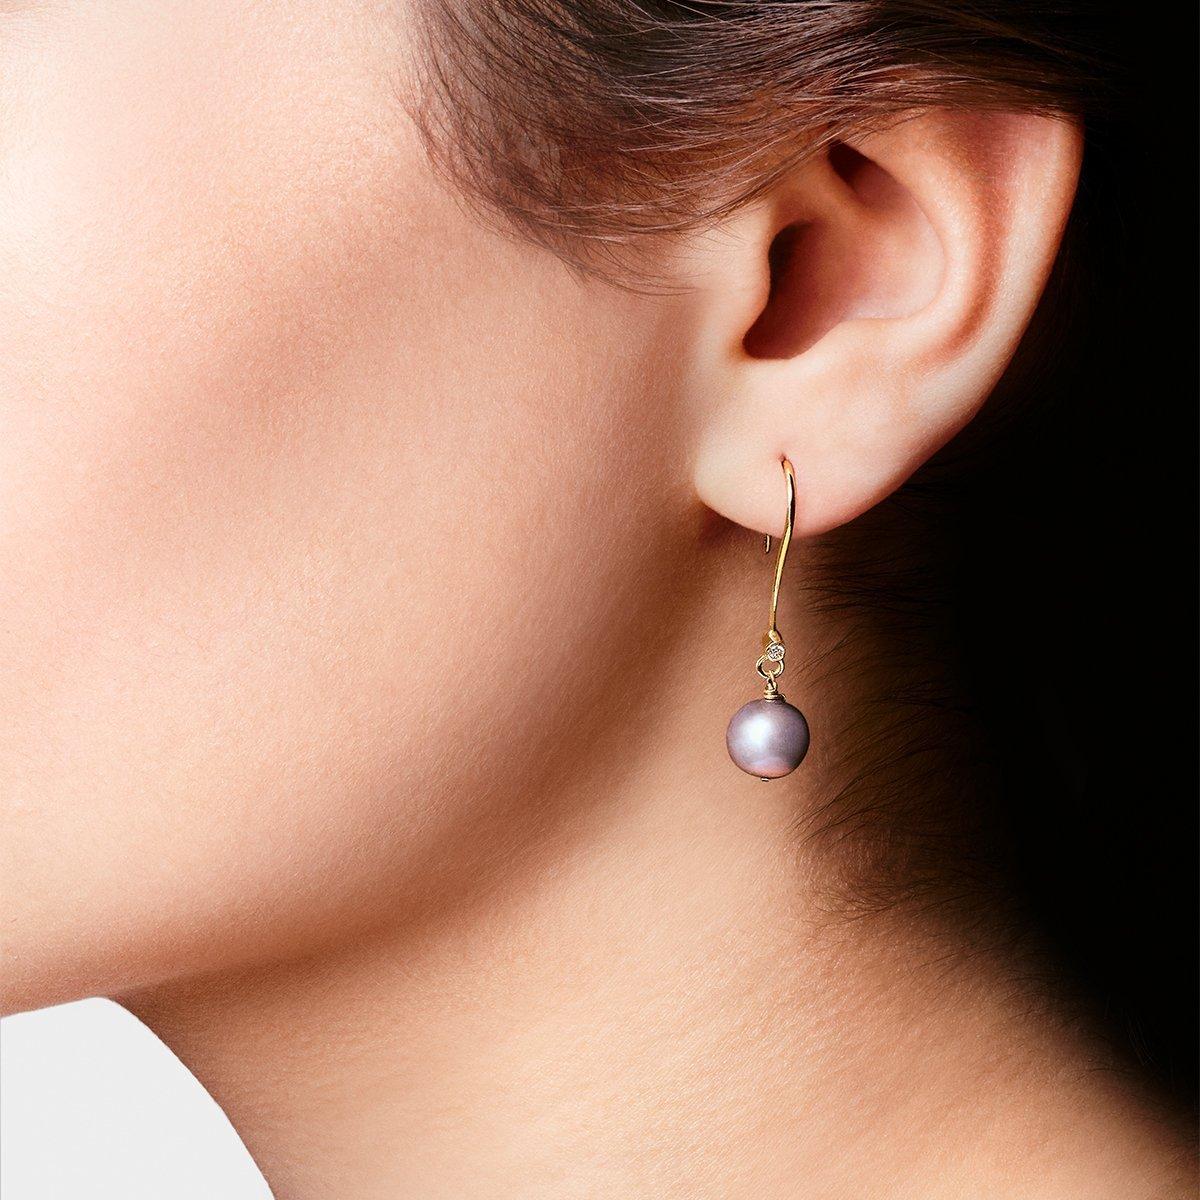 Yellow Gold & Diamond Pearl Drop Earrings | Kaizarin